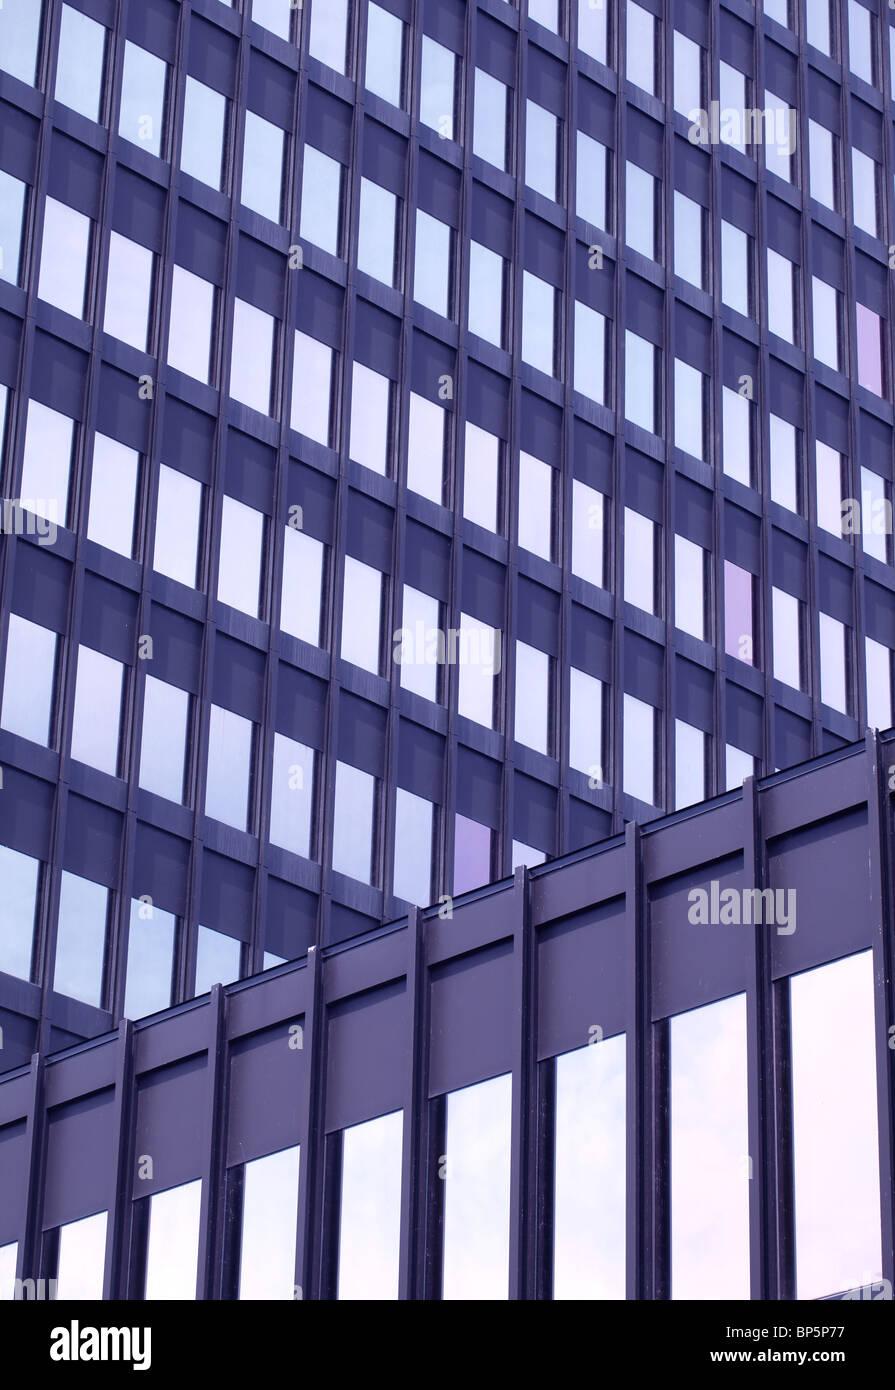 La parte esterna di un acciaio e vetro edificio per uffici Immagini Stock